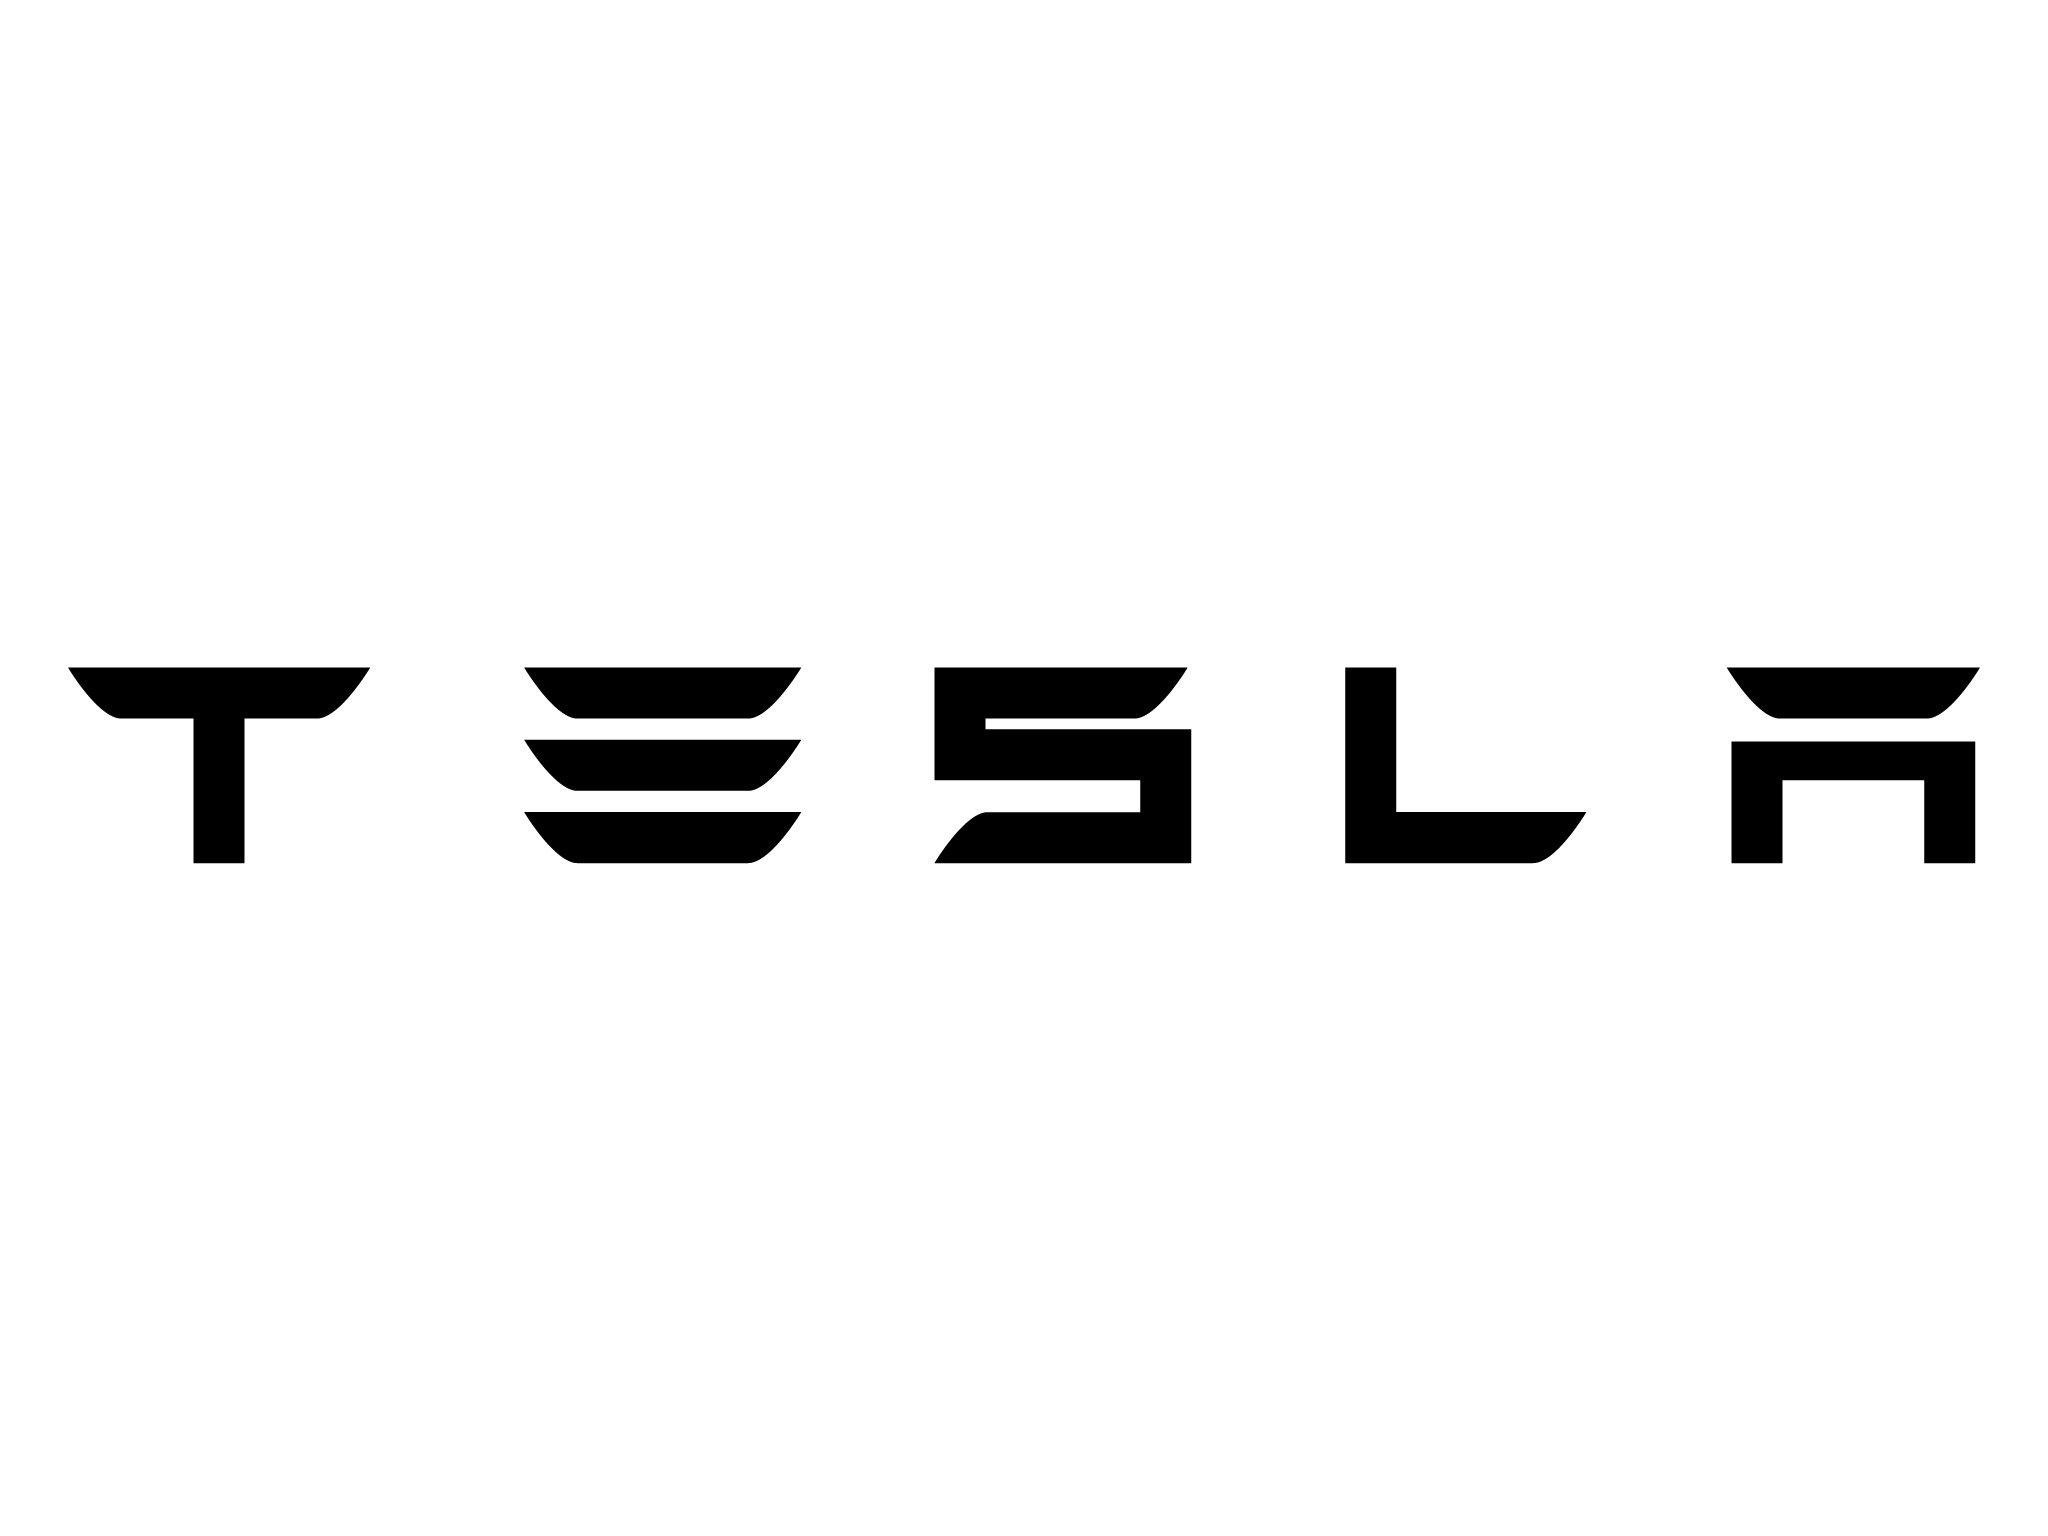 Tesla Motors's logo